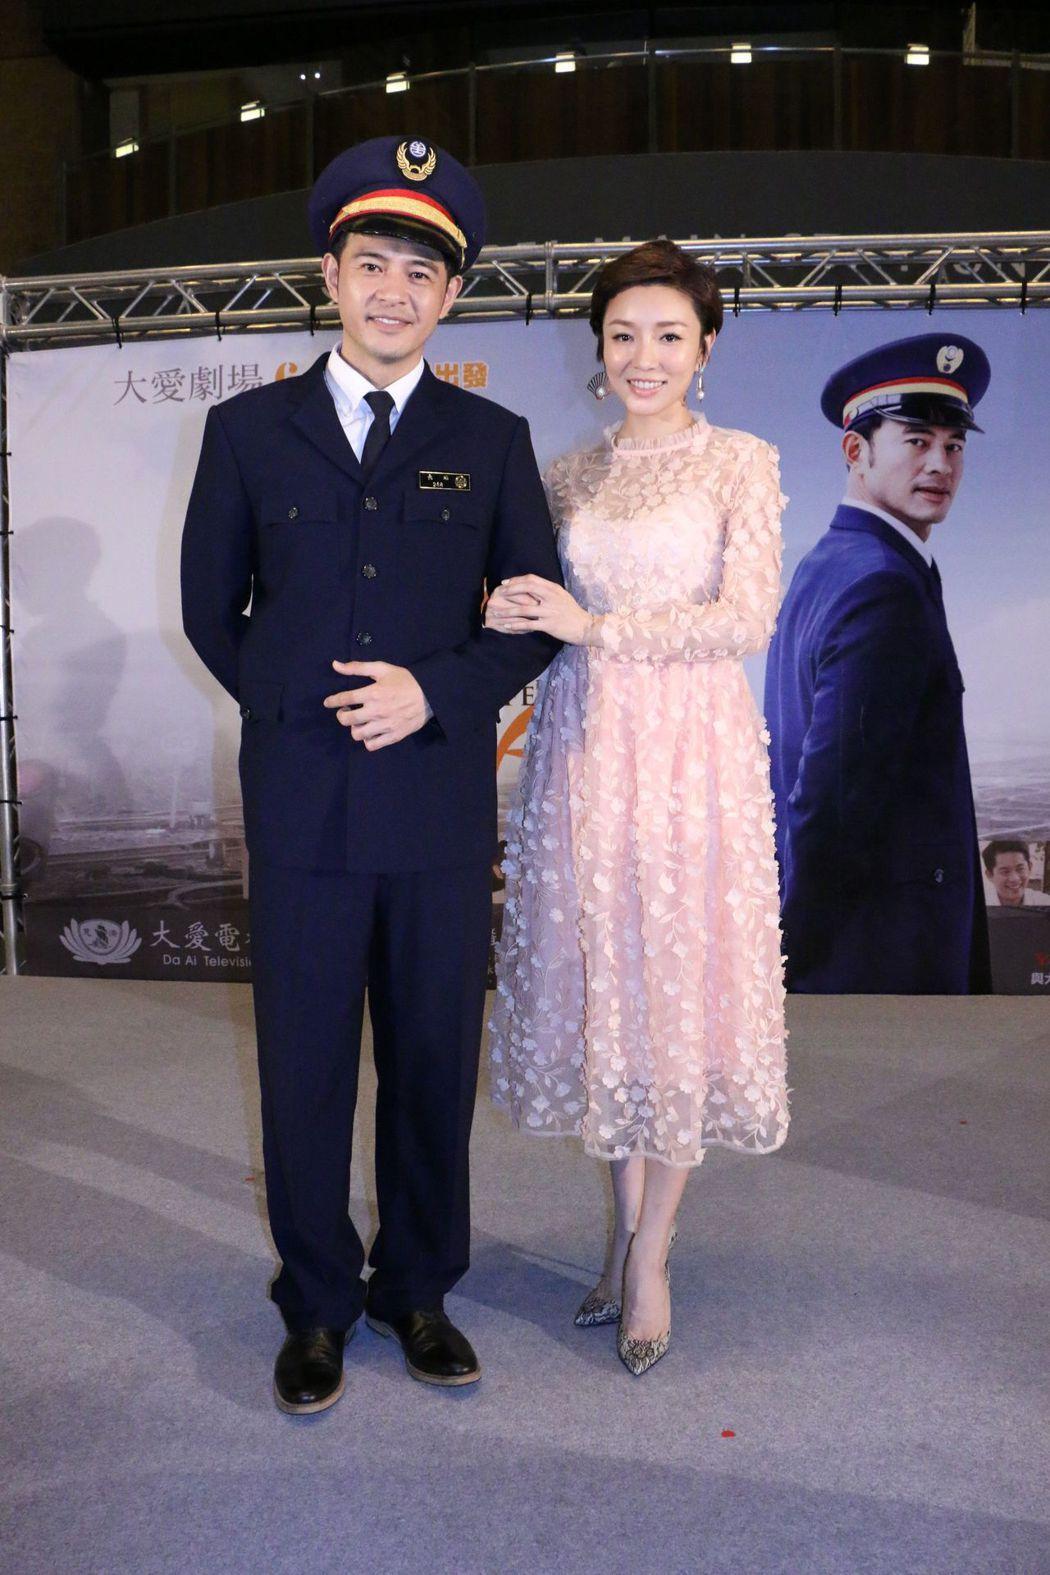 黃玉榮、林可唯在「車站人生」中飾演夫妻。圖/中天、大愛提供